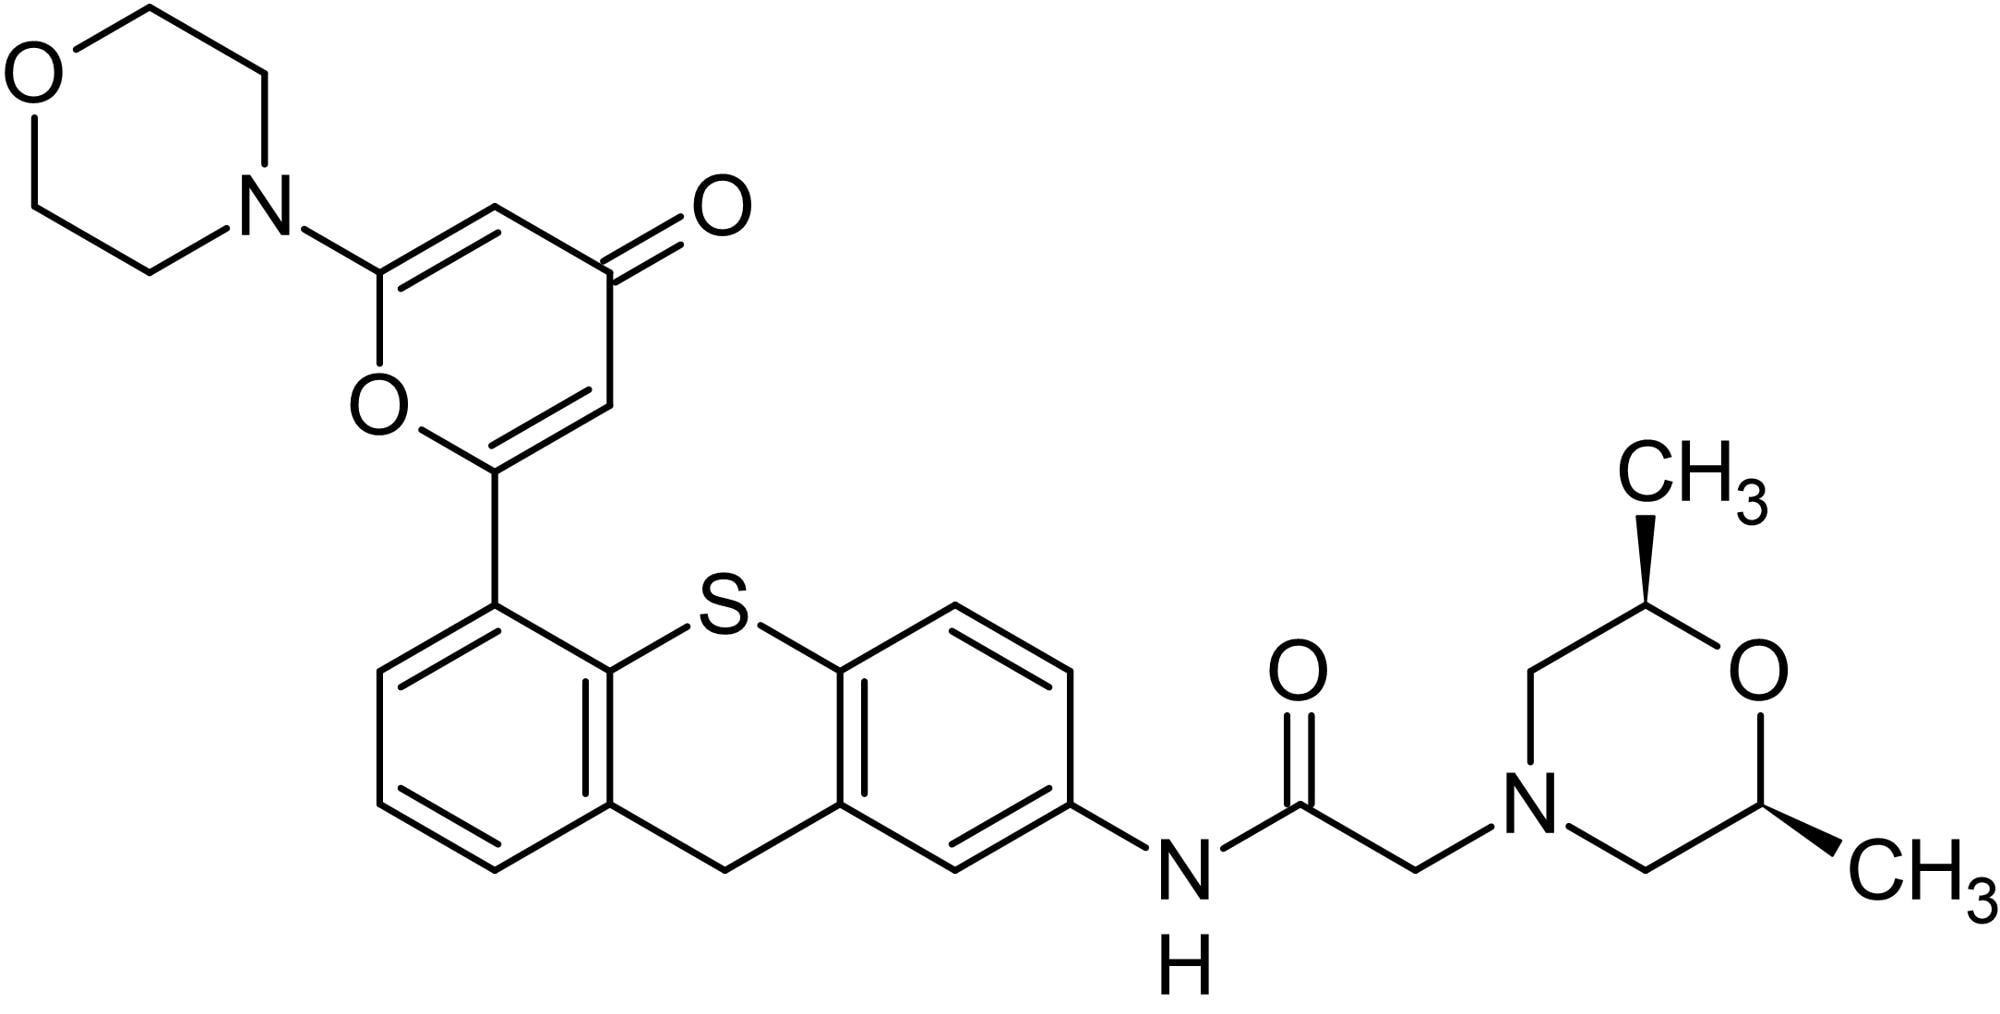 Chemical Structure - KU-60019, ATM kinase inhibitor (ab144817)